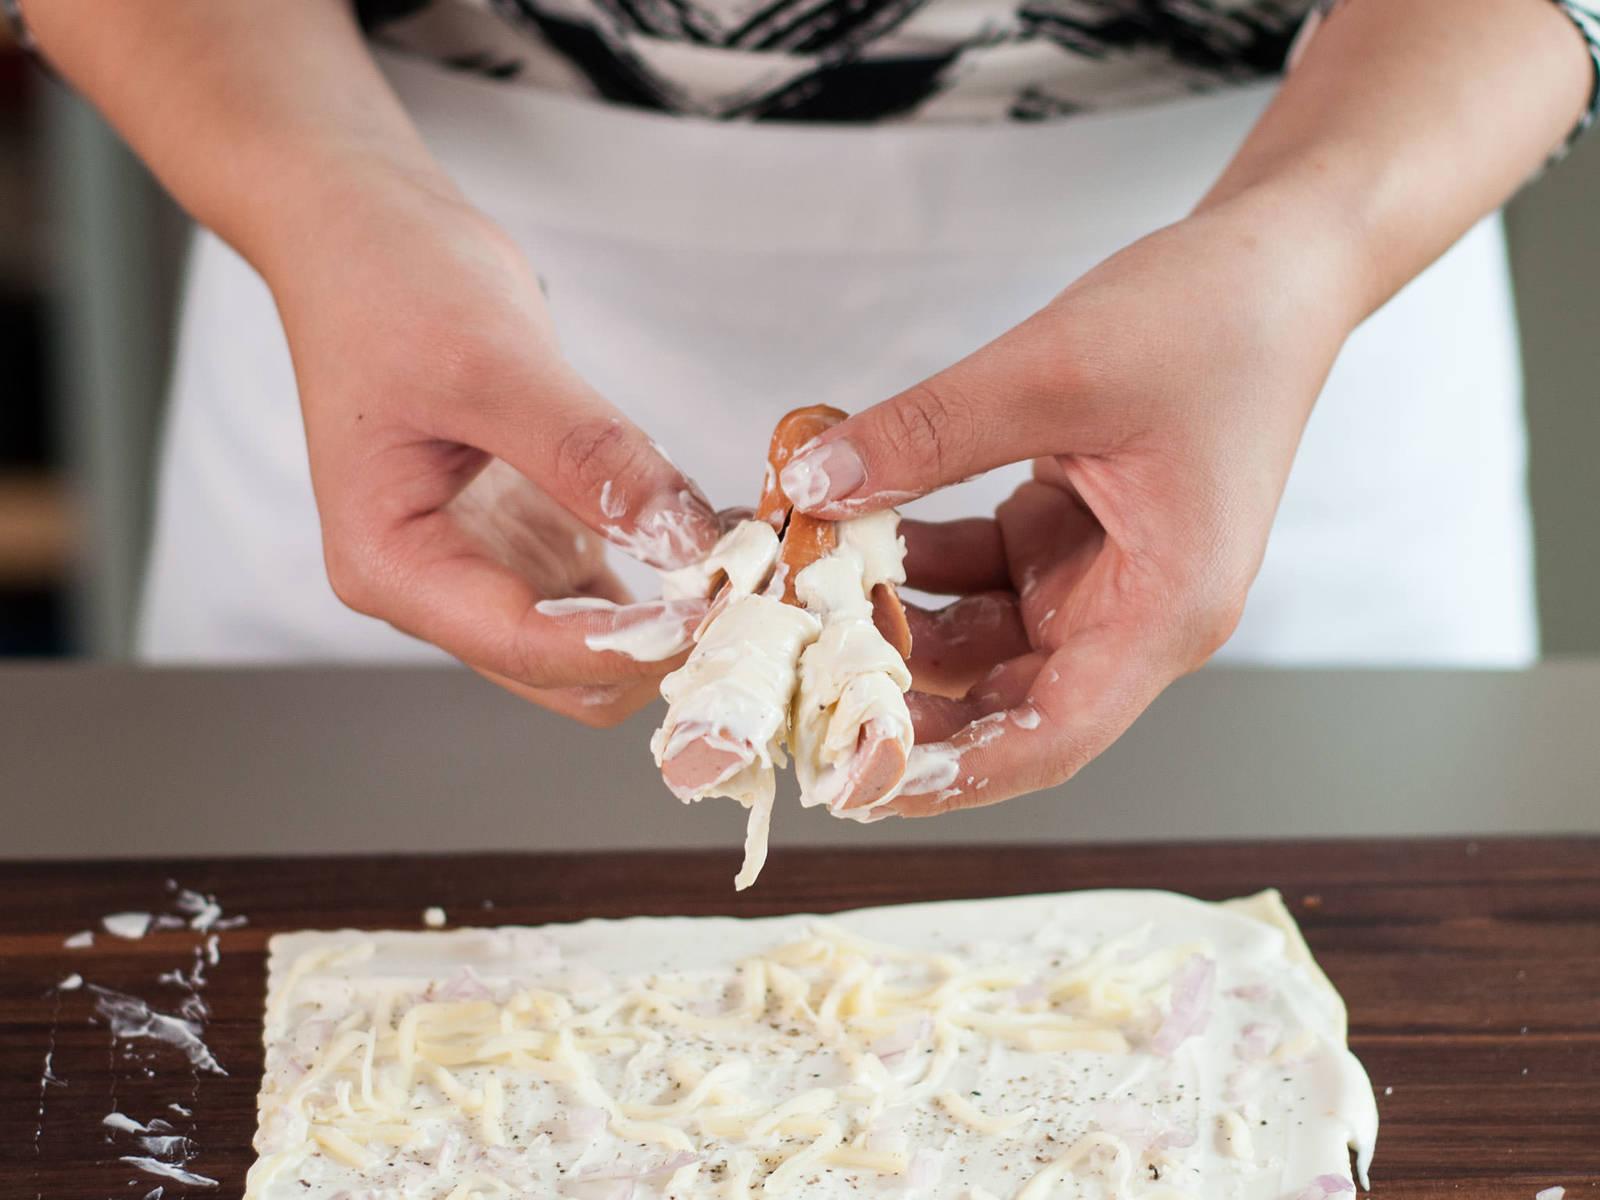 Würstchen halbieren. An einem Ende einschneiden um die Beine zu formen. Etwas oberhalb der Mitte an jeder Seite senkrecht einschneiden um die Arme zu formen. Blätterteig in dünne Streifen schneiden und Arme und Beine der Mumien damit einwickeln. Mumien auf ein mit Backpapier ausgelegtes Backblech geben. Im vorgeheizten Backofen bei 180°C ca. 10 – 12 Min. goldbraun backen.